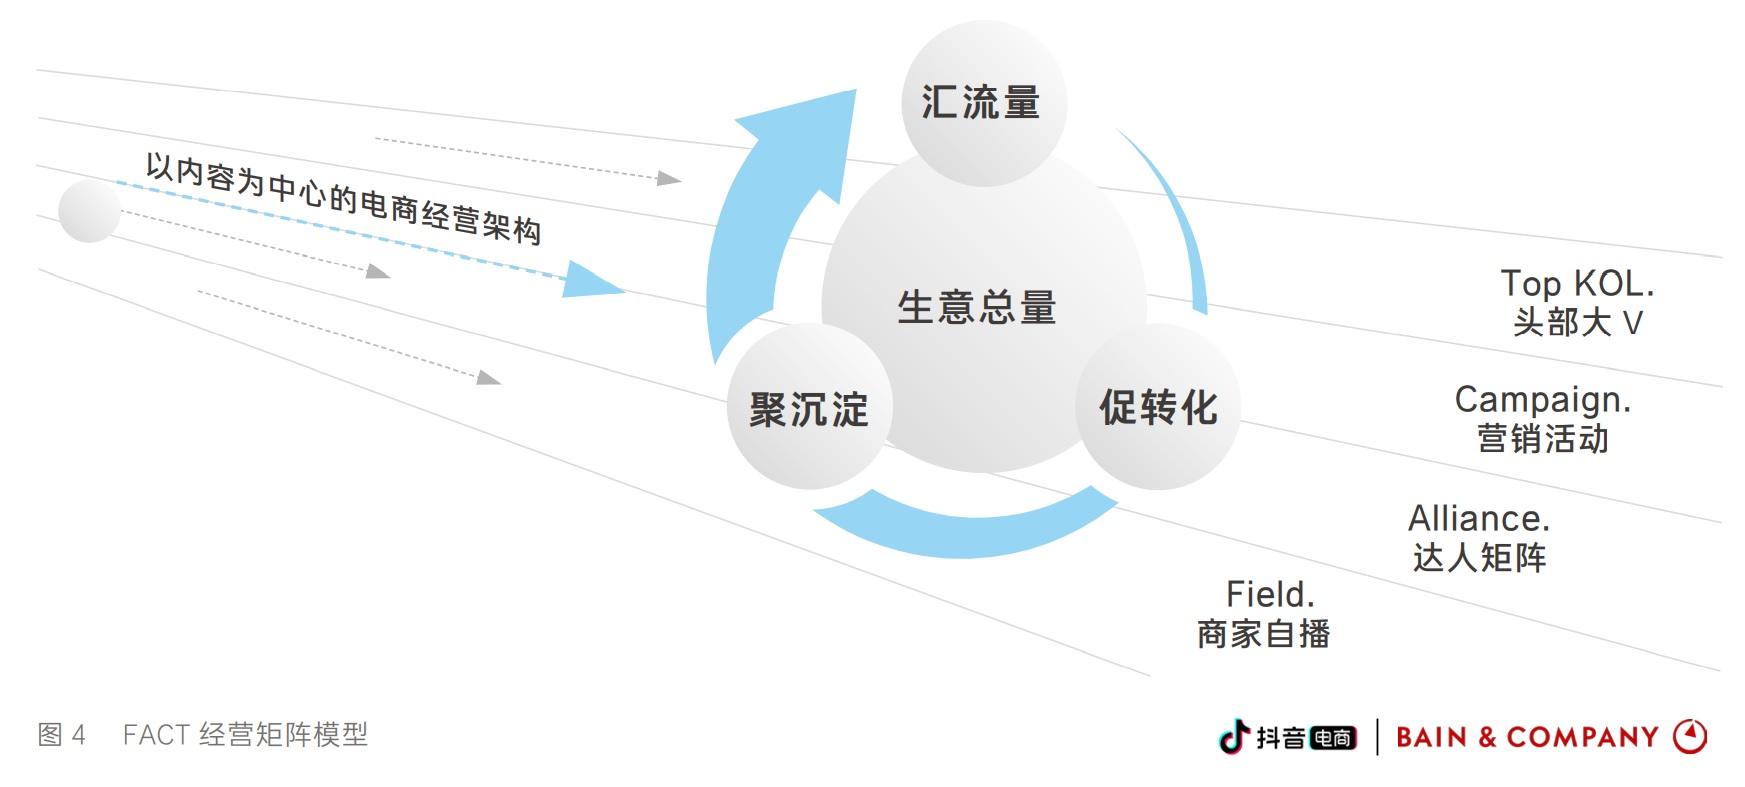 抖音電商_興趣電商_FACT 經營矩陣模型